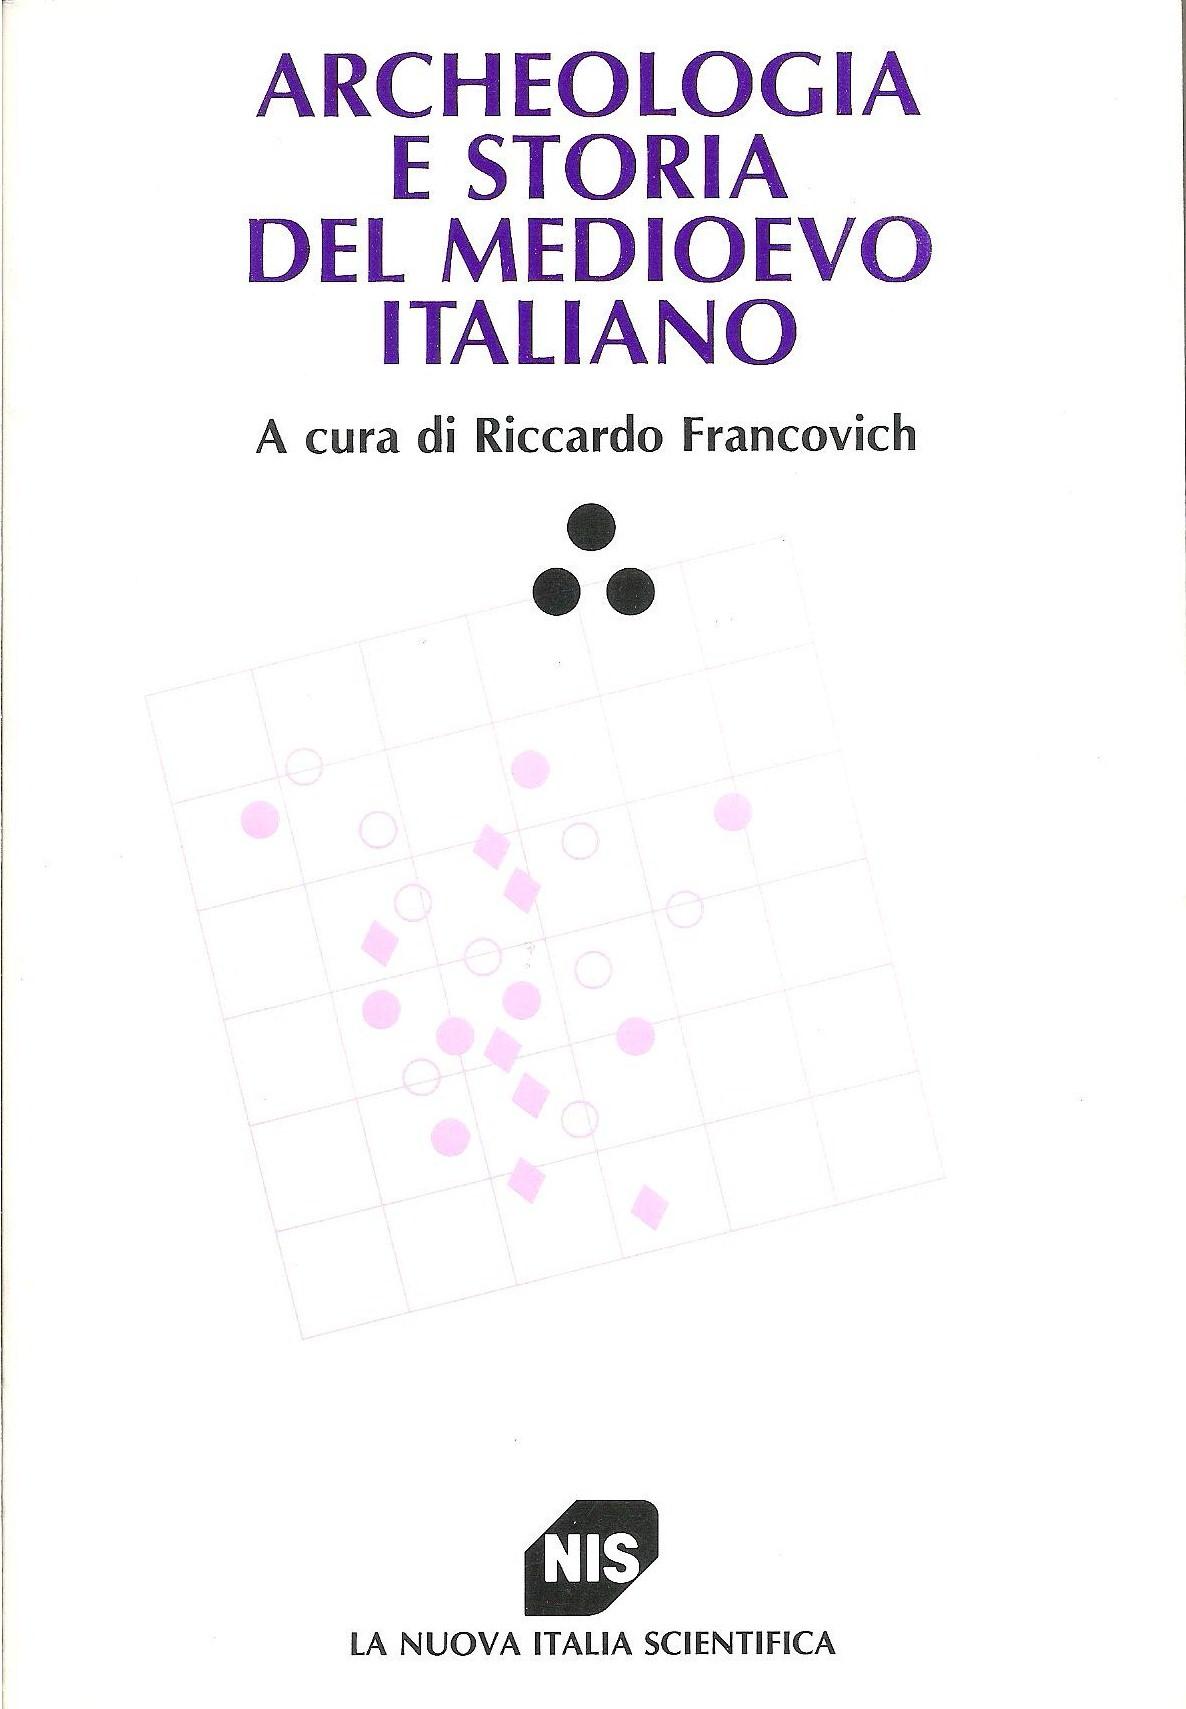 Archeologia e storia del Medioevo italiano